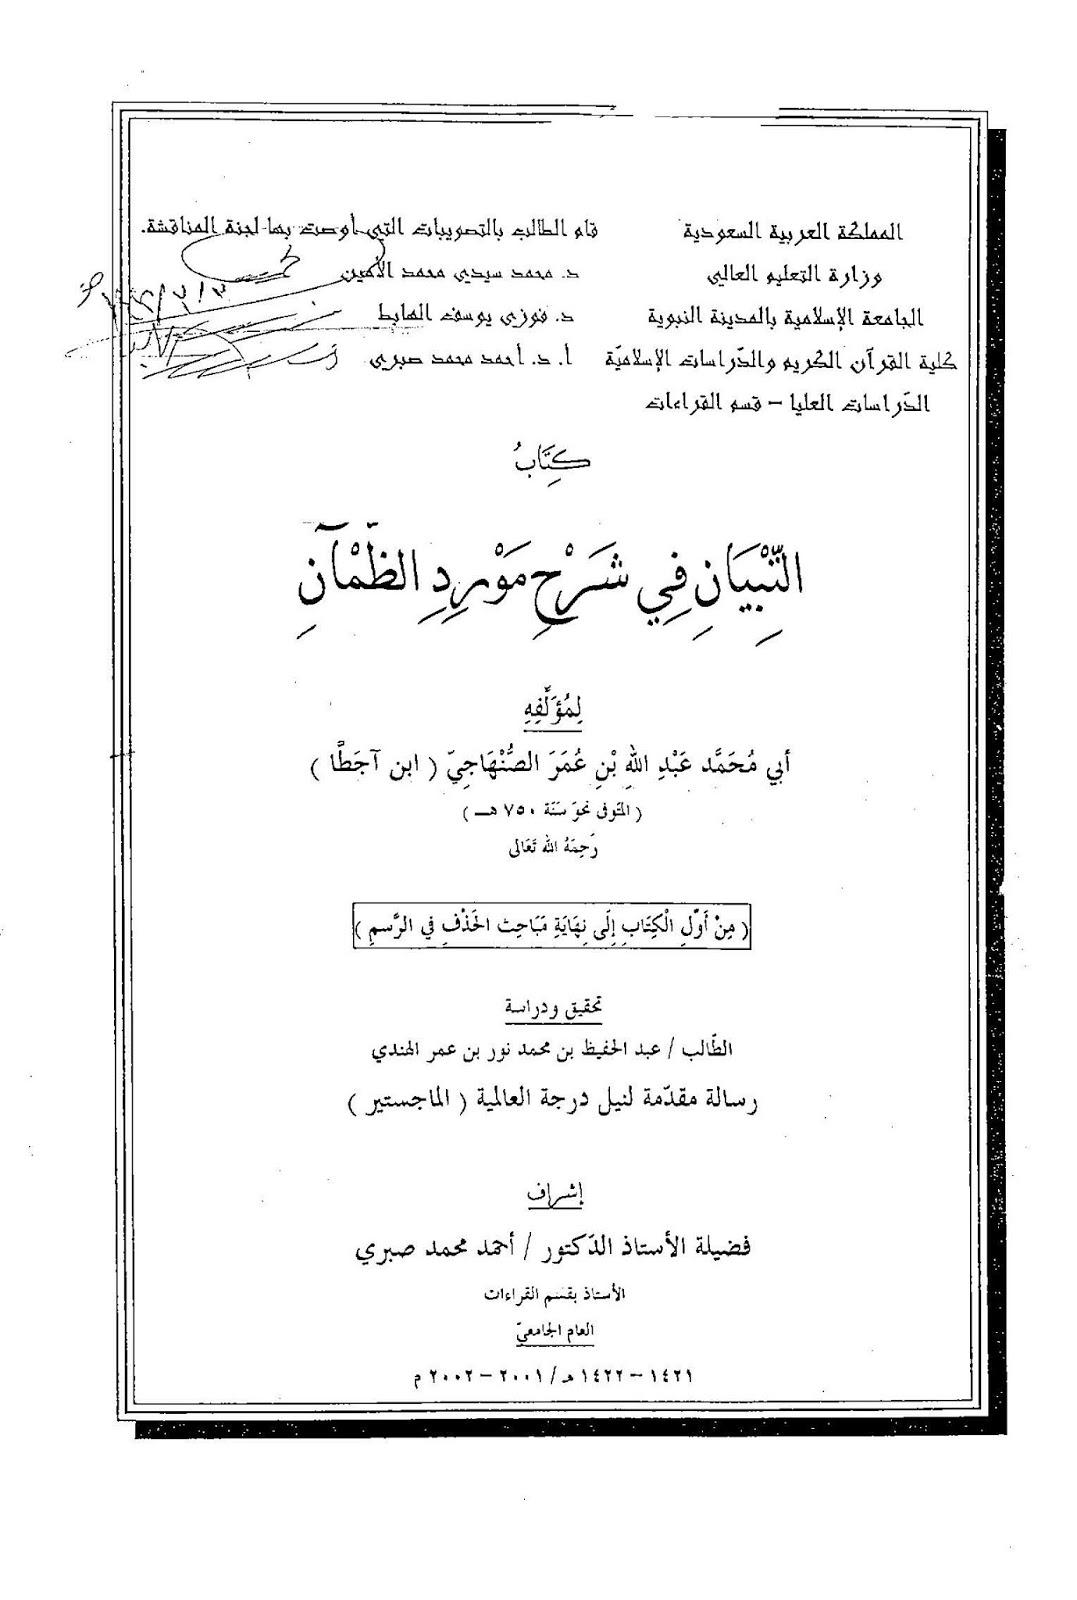 التبيان في شرح مورد الظمان - ابن آجَطّا من أول باب حكم رسم الهمز إلى نهاية الكتاب (رسالة علمية) pdf